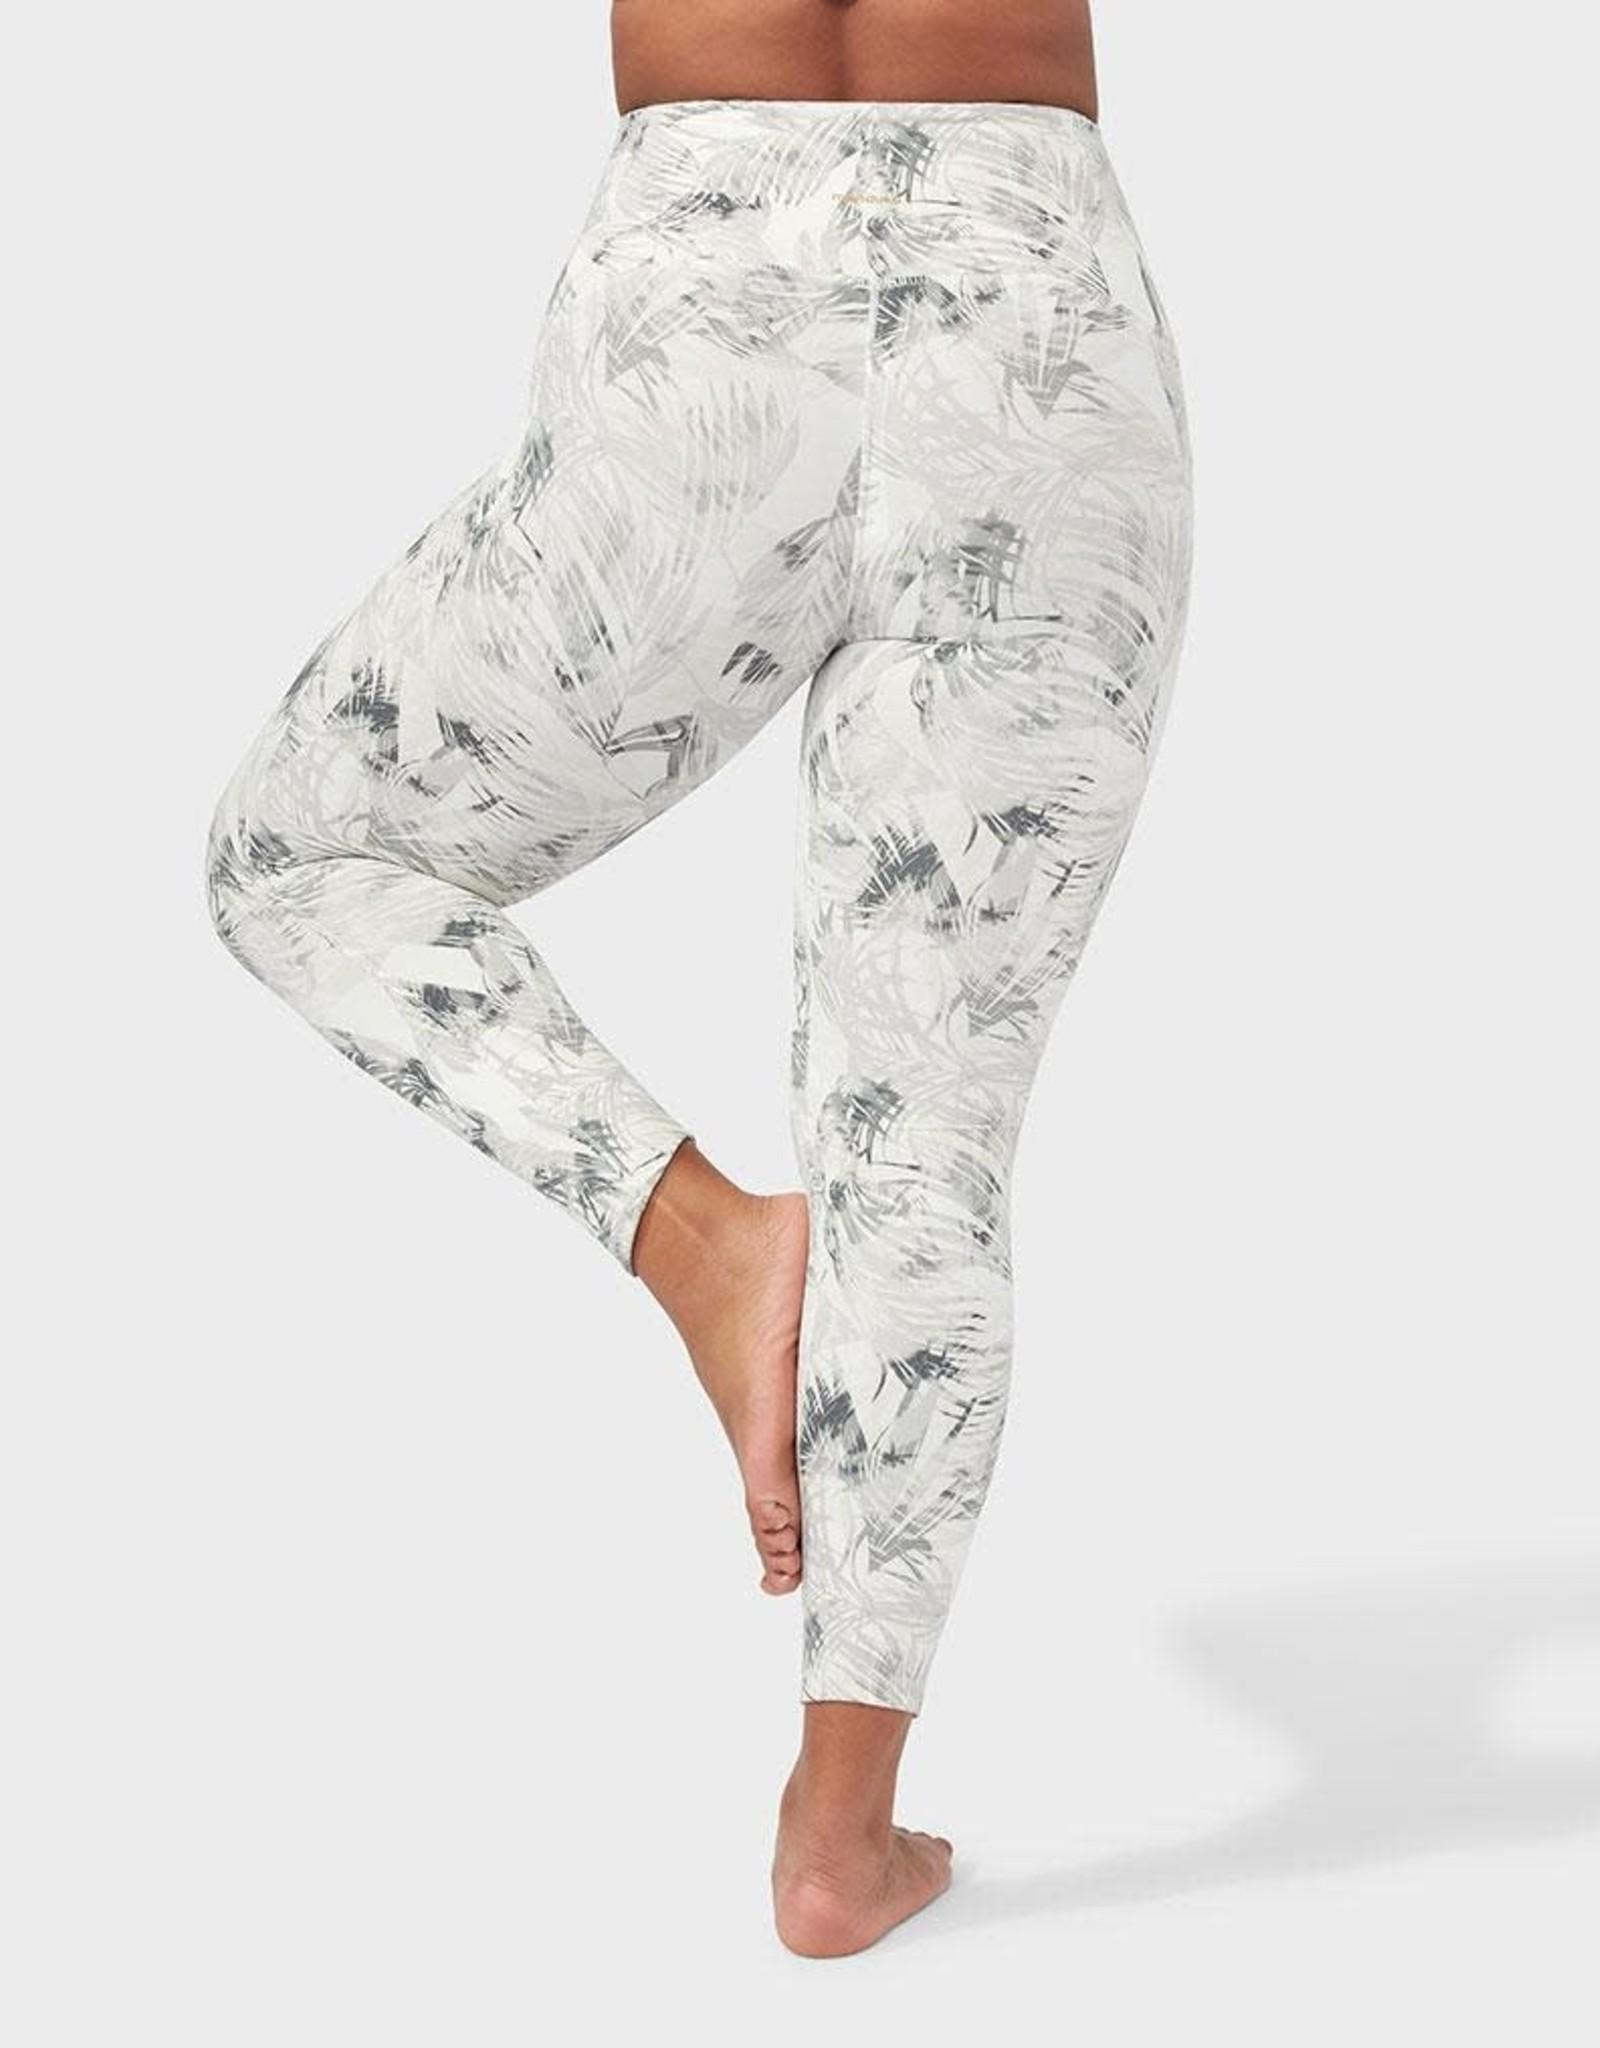 Manduka Presence Legging - Tropics Grey